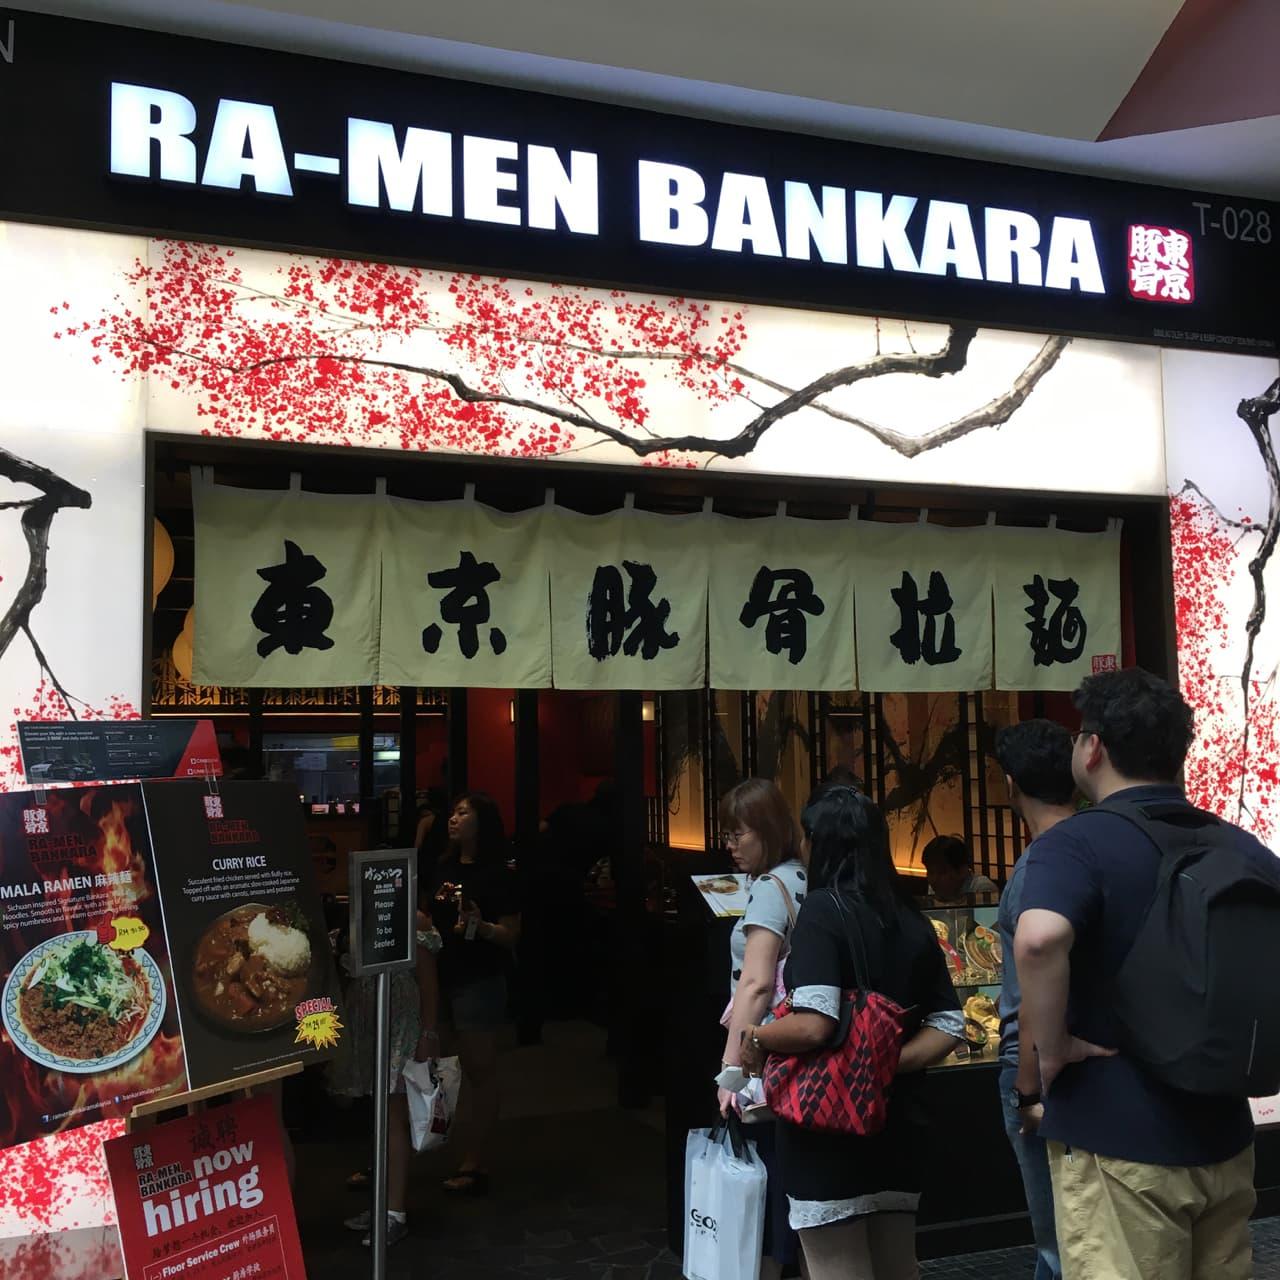 ラーメンばんから Ramen Bankara